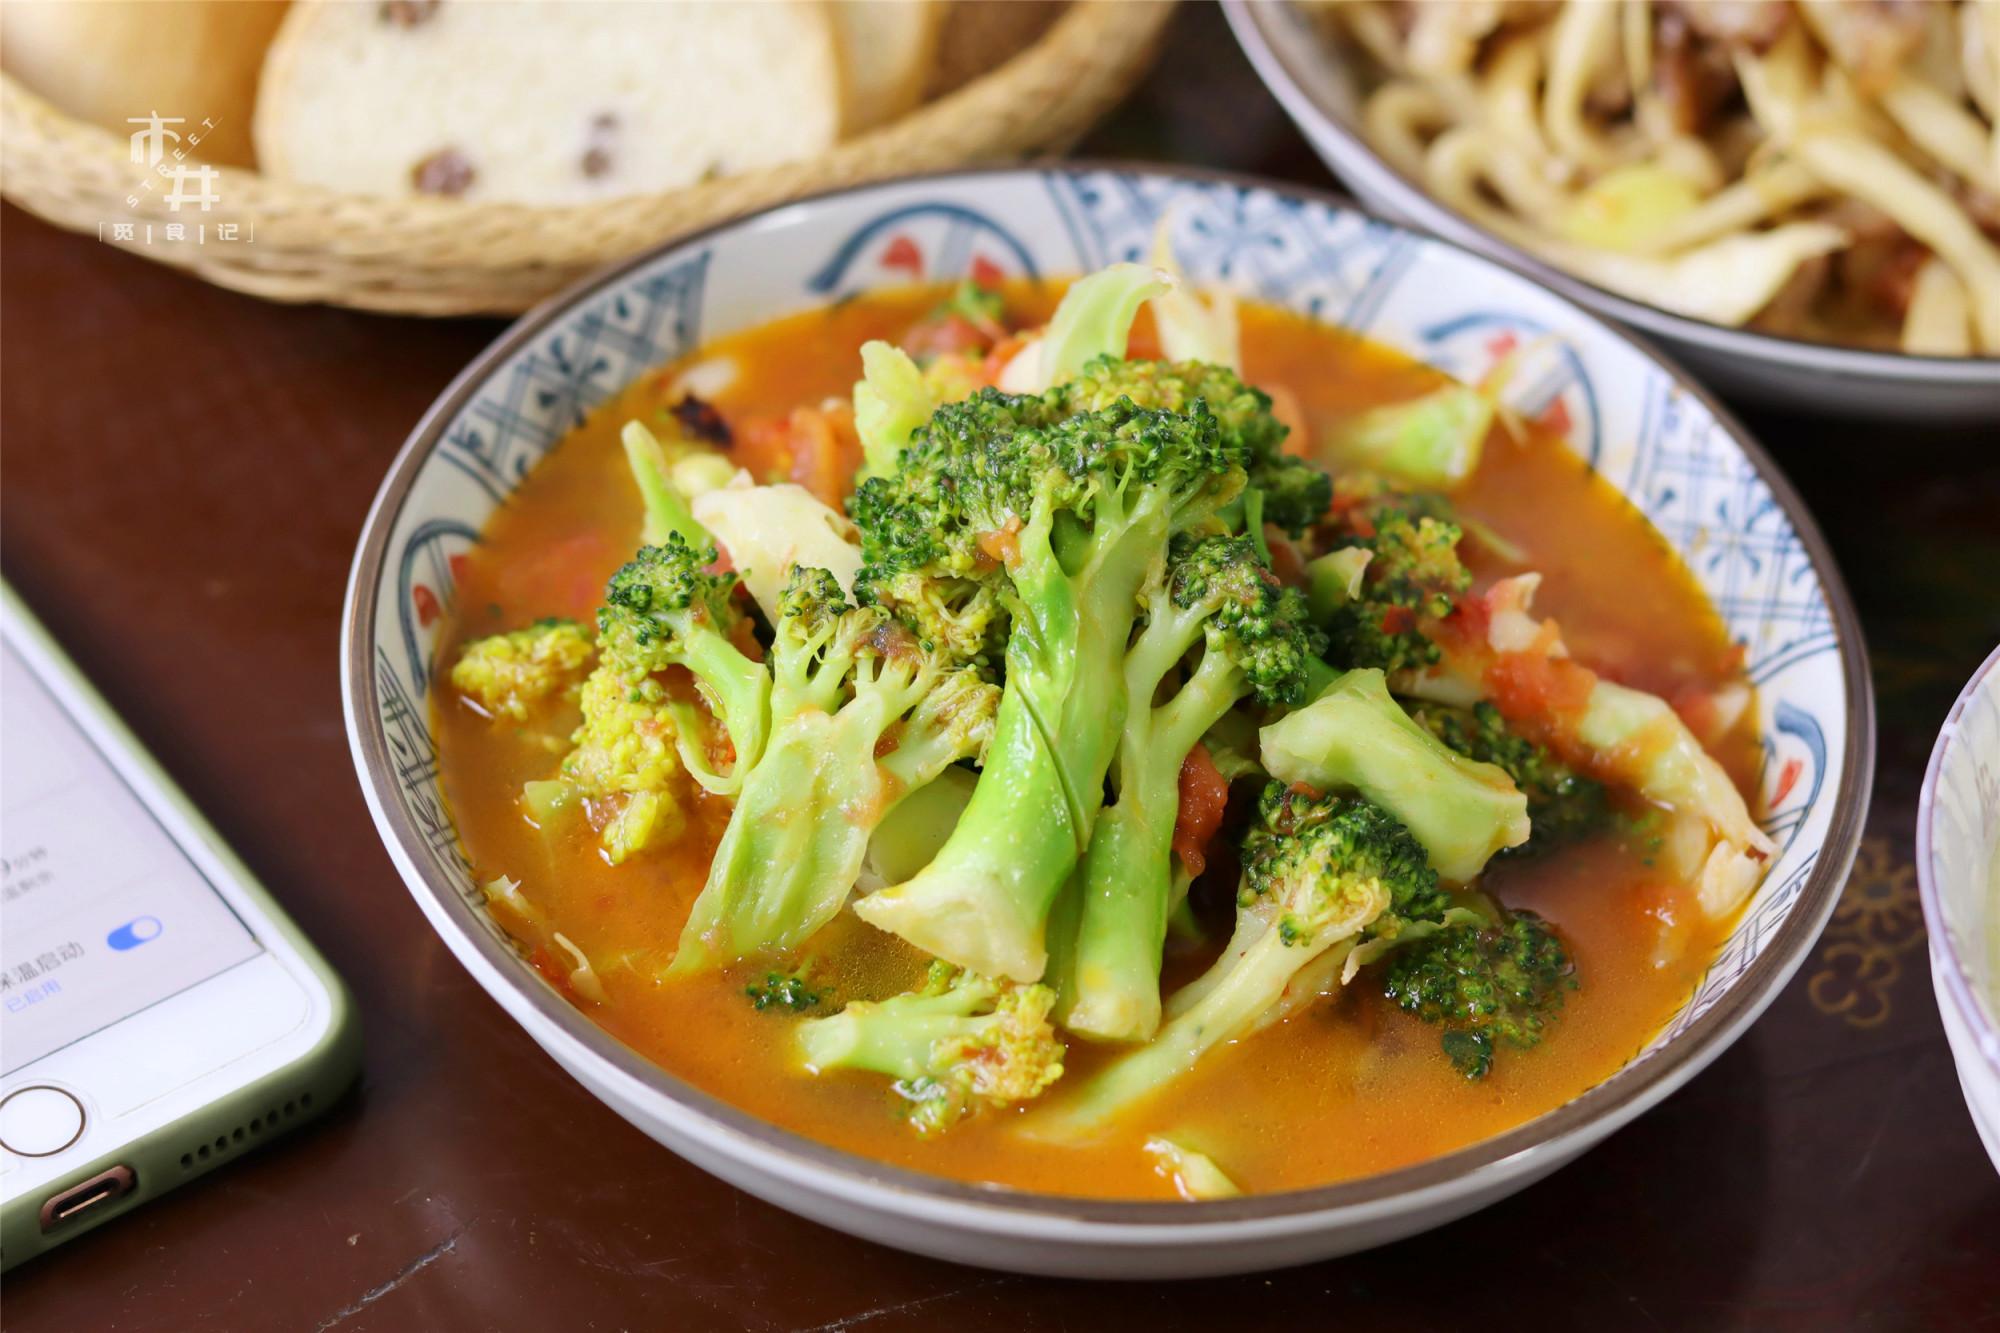 小两口的极简晚餐,2菜1汤,吃得饱饱又不浪费,省事儿 美食做法 第6张